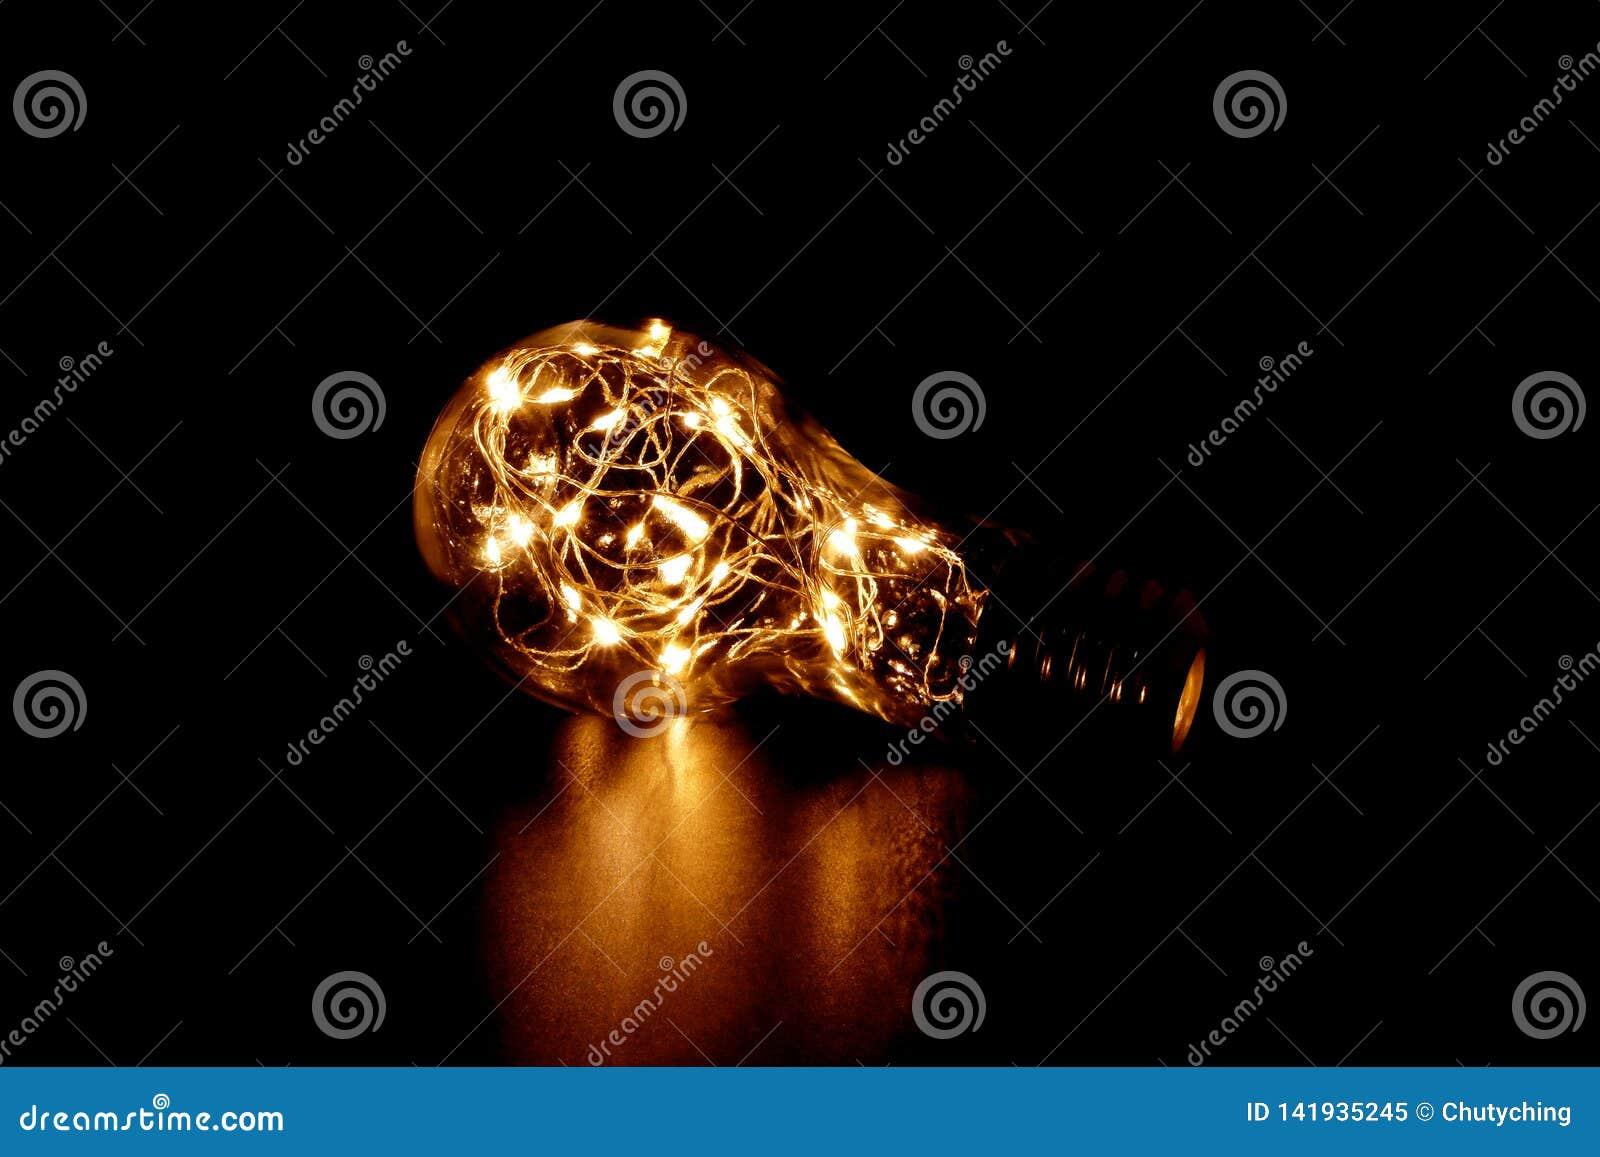 Gult felikt ljus i en formad exponeringsglaskrus för ljus kula